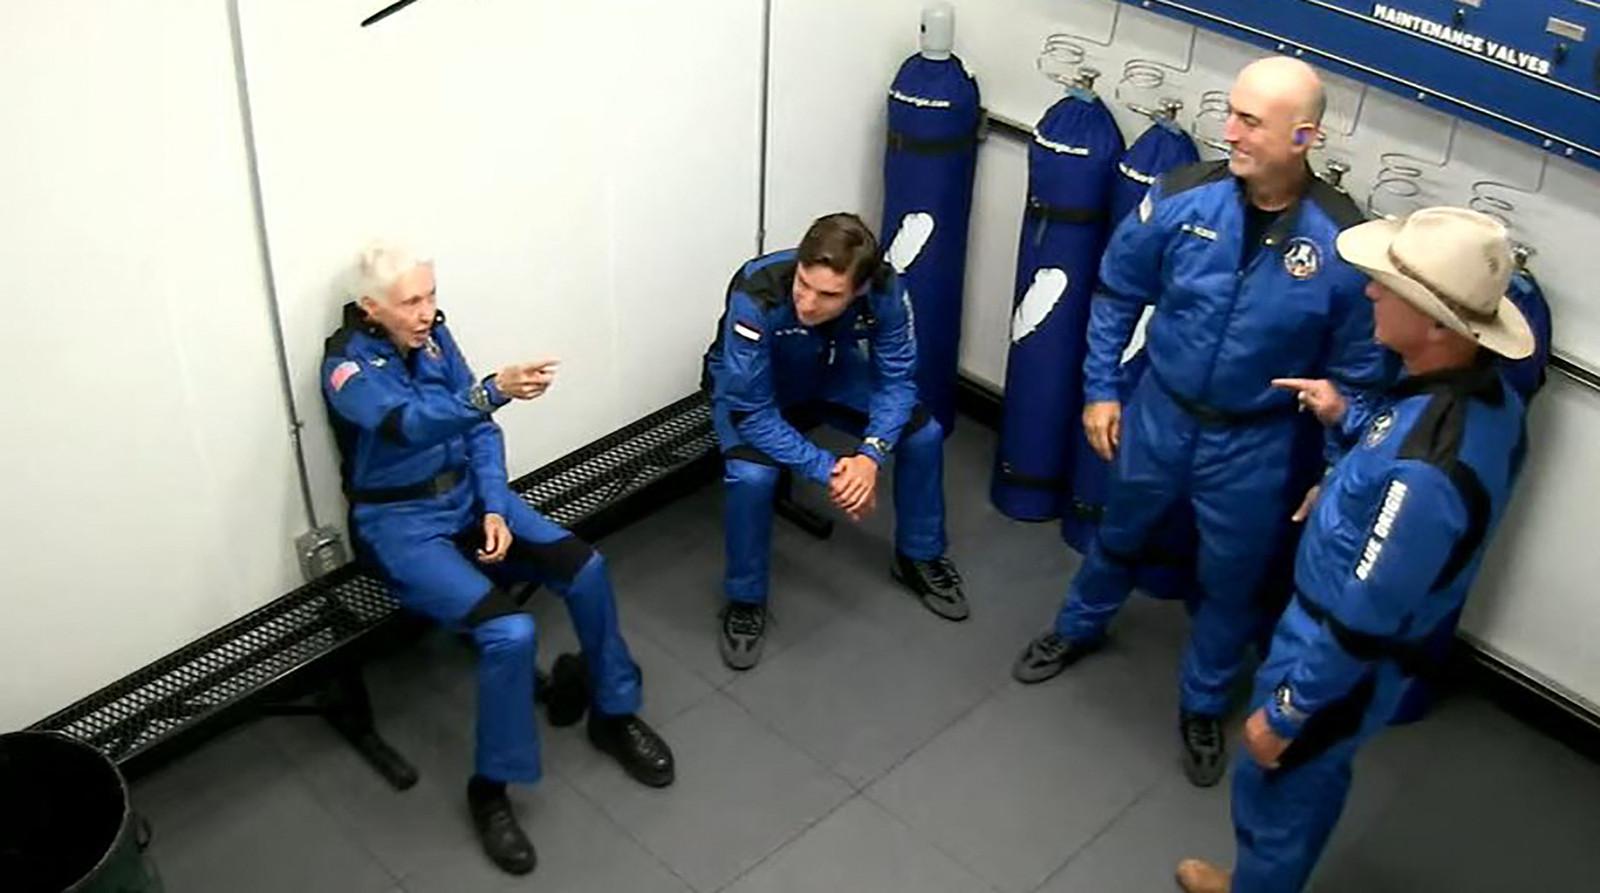 De vier vlak voordat ze het ruimtevaartuig ingaan.